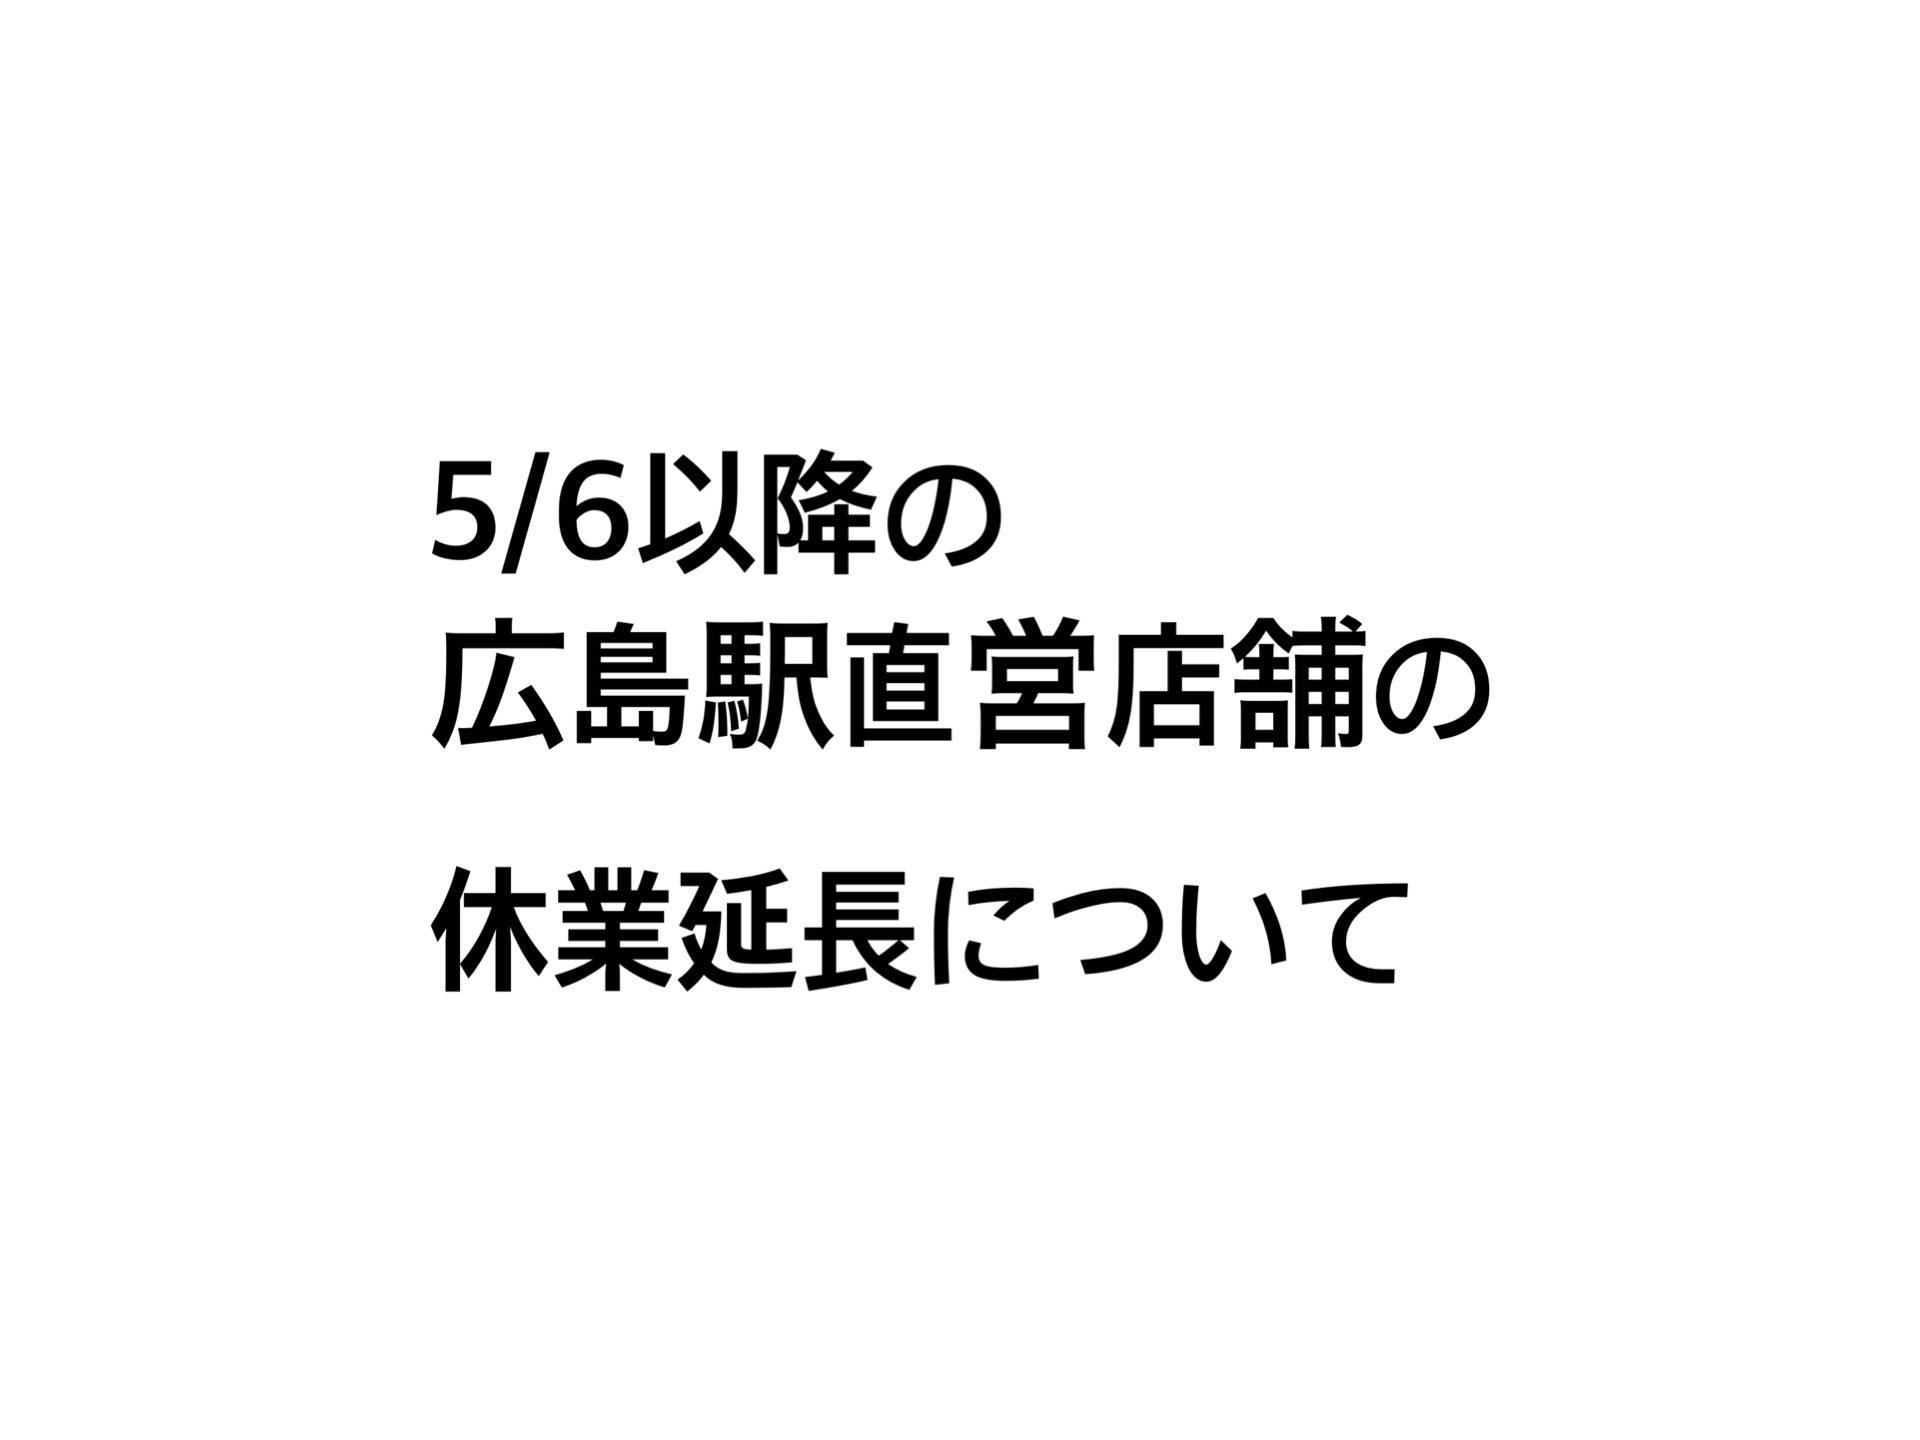 5月6日以降の広島駅直営店の休業延長について